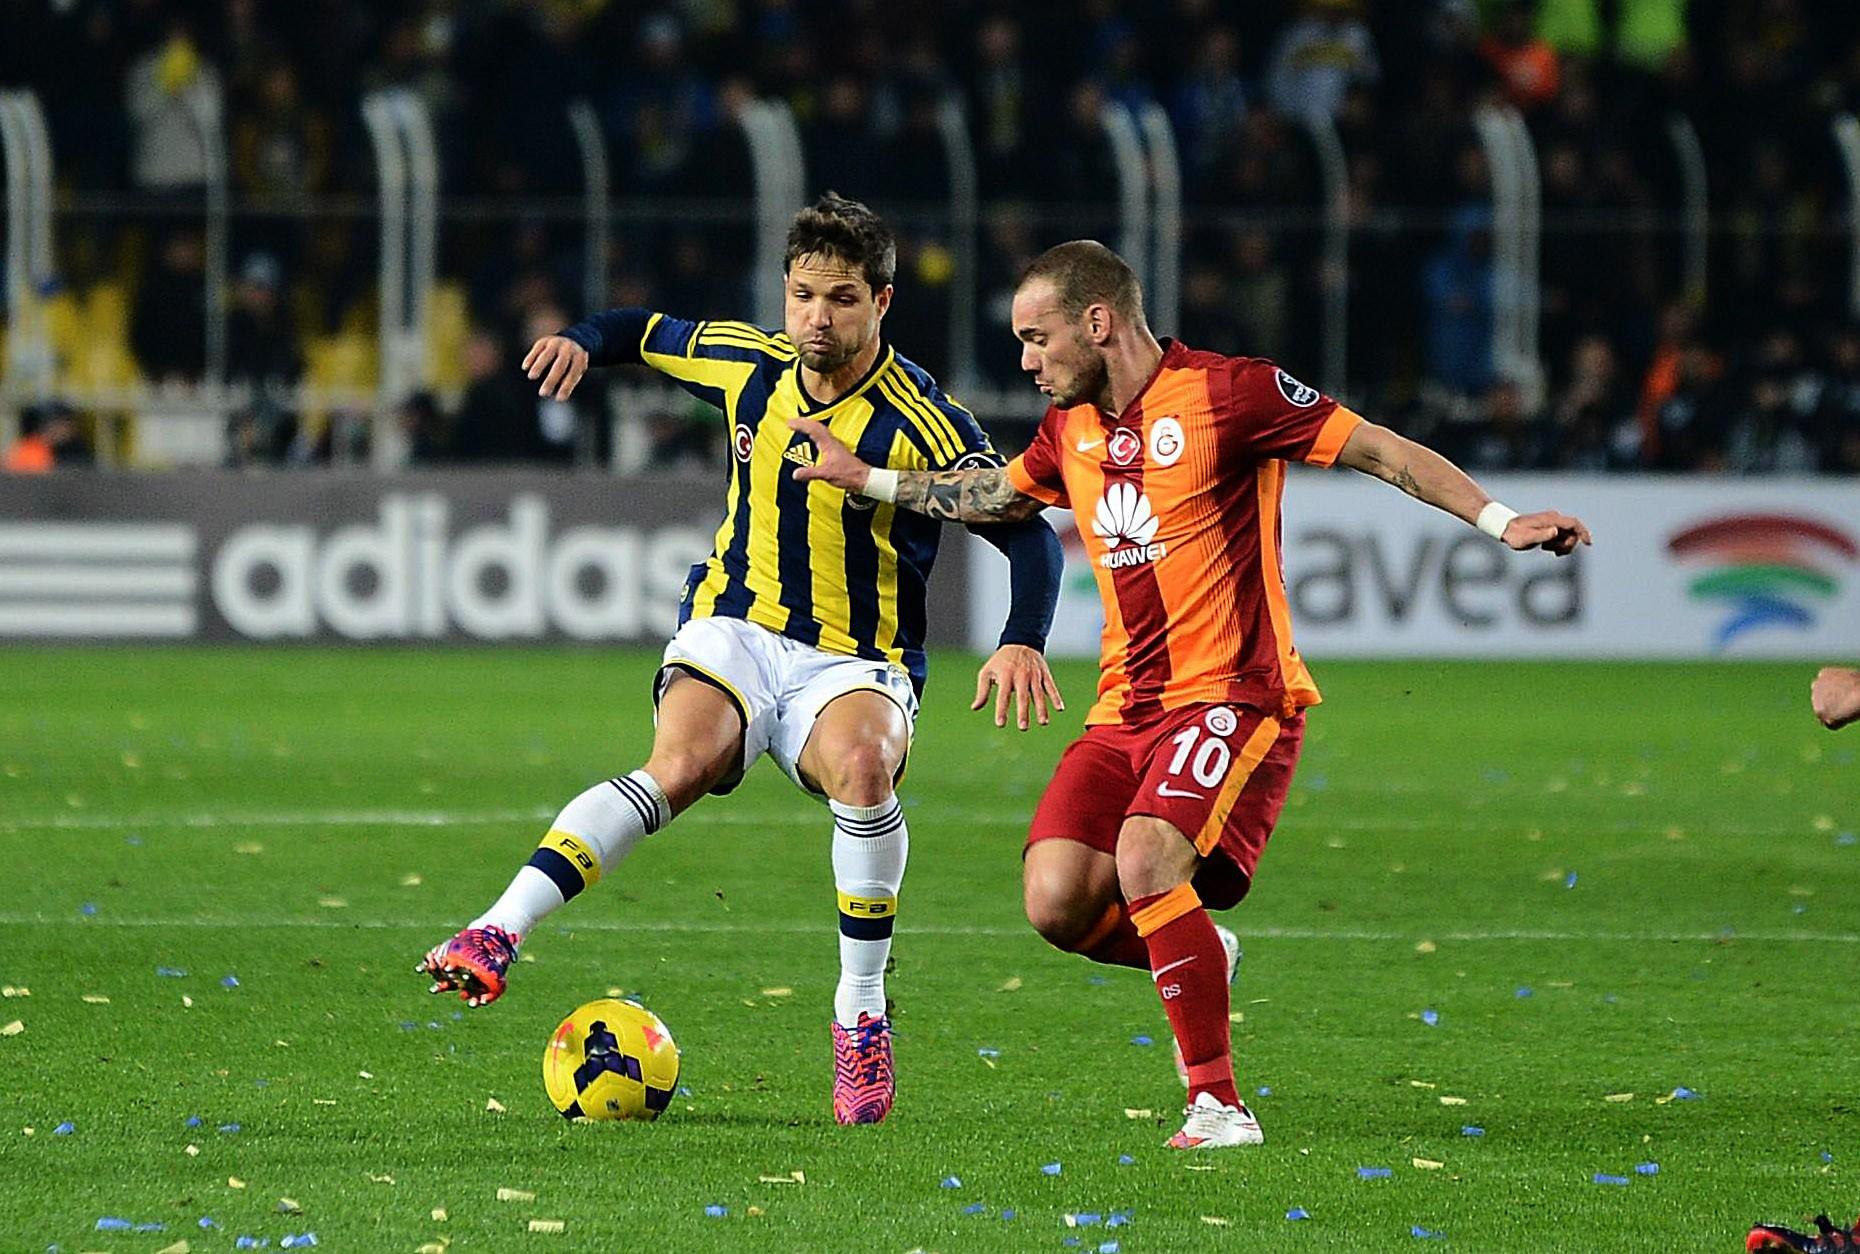 Fenerbahçe-Galatasaray maçı ne zaman, saat kaçta, nerede oynanacak ve hangi kanaldan yayınlanacak.